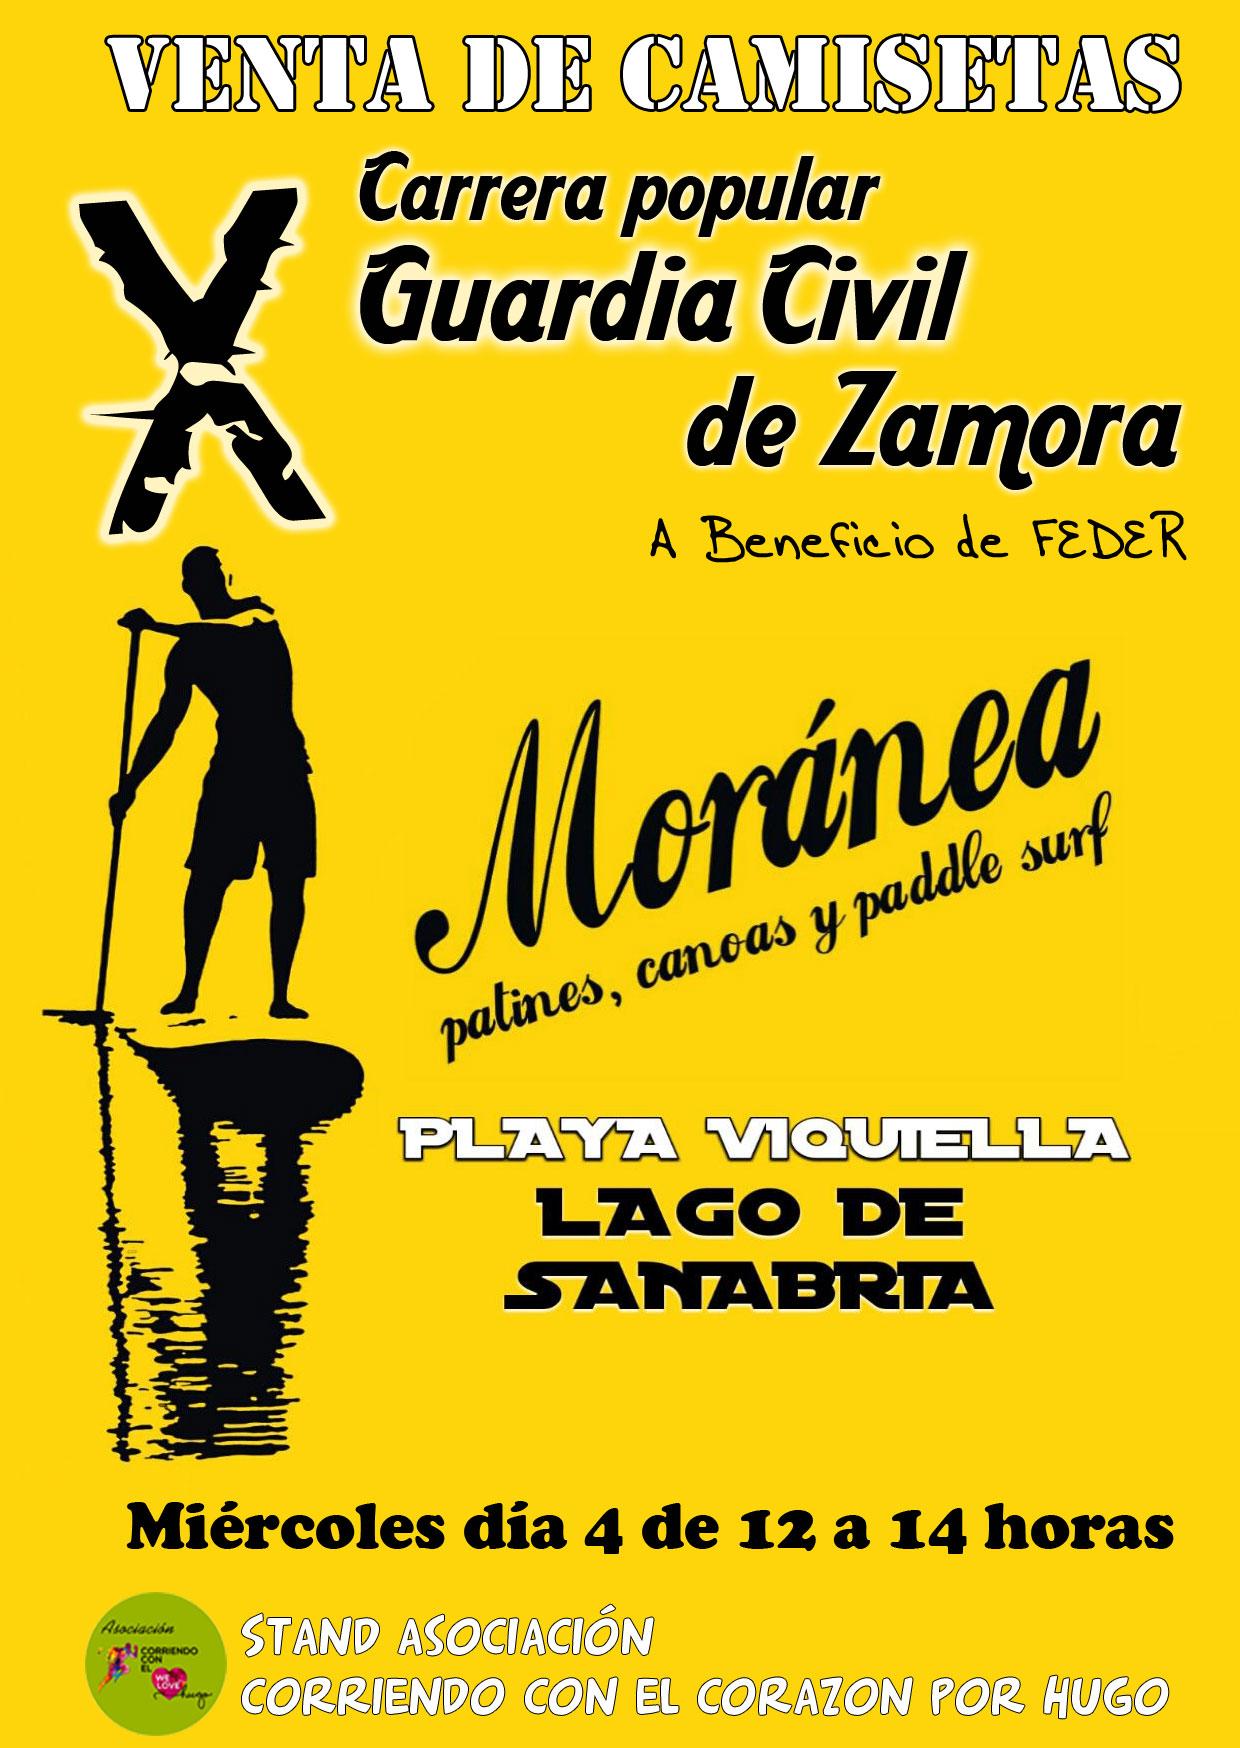 Venta de camisetas en Playa Viquiella Lago de Sanabria